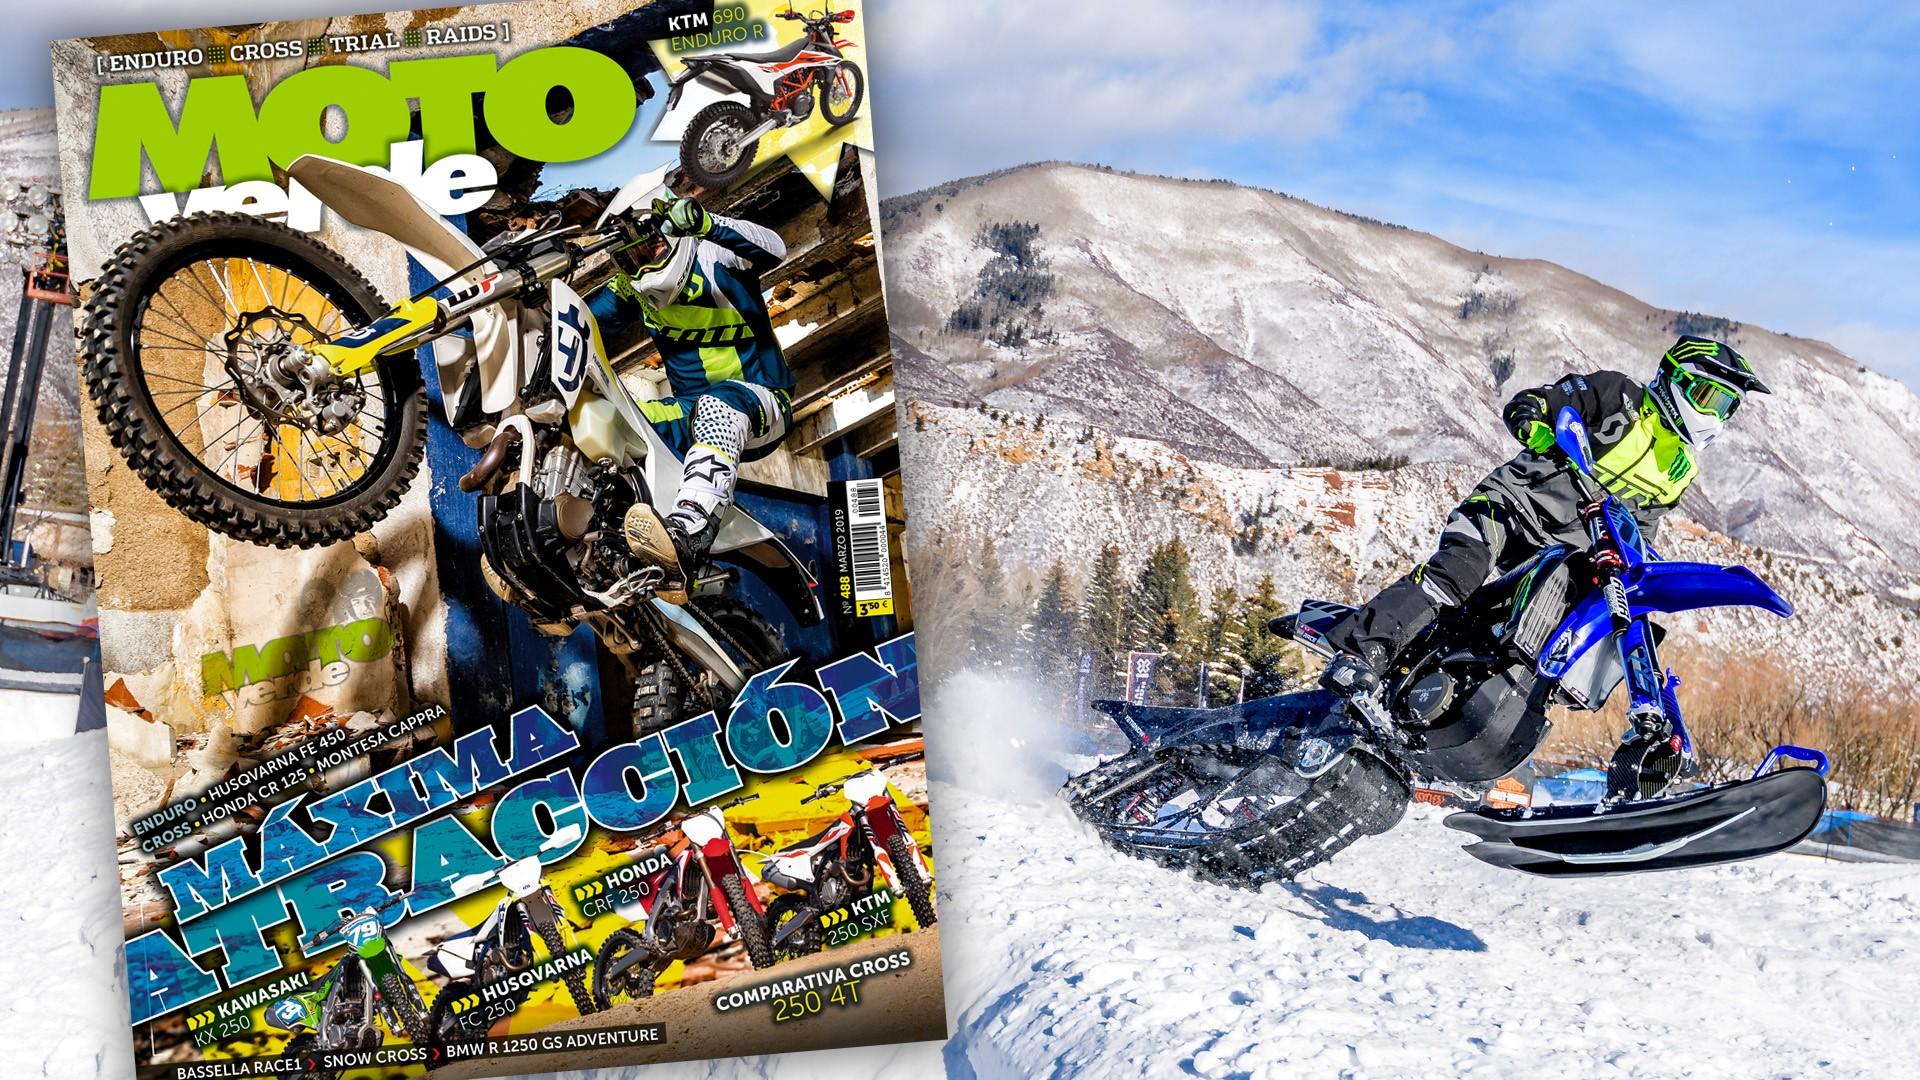 MOTO VERDE 488, contenidos y sumario de la revista